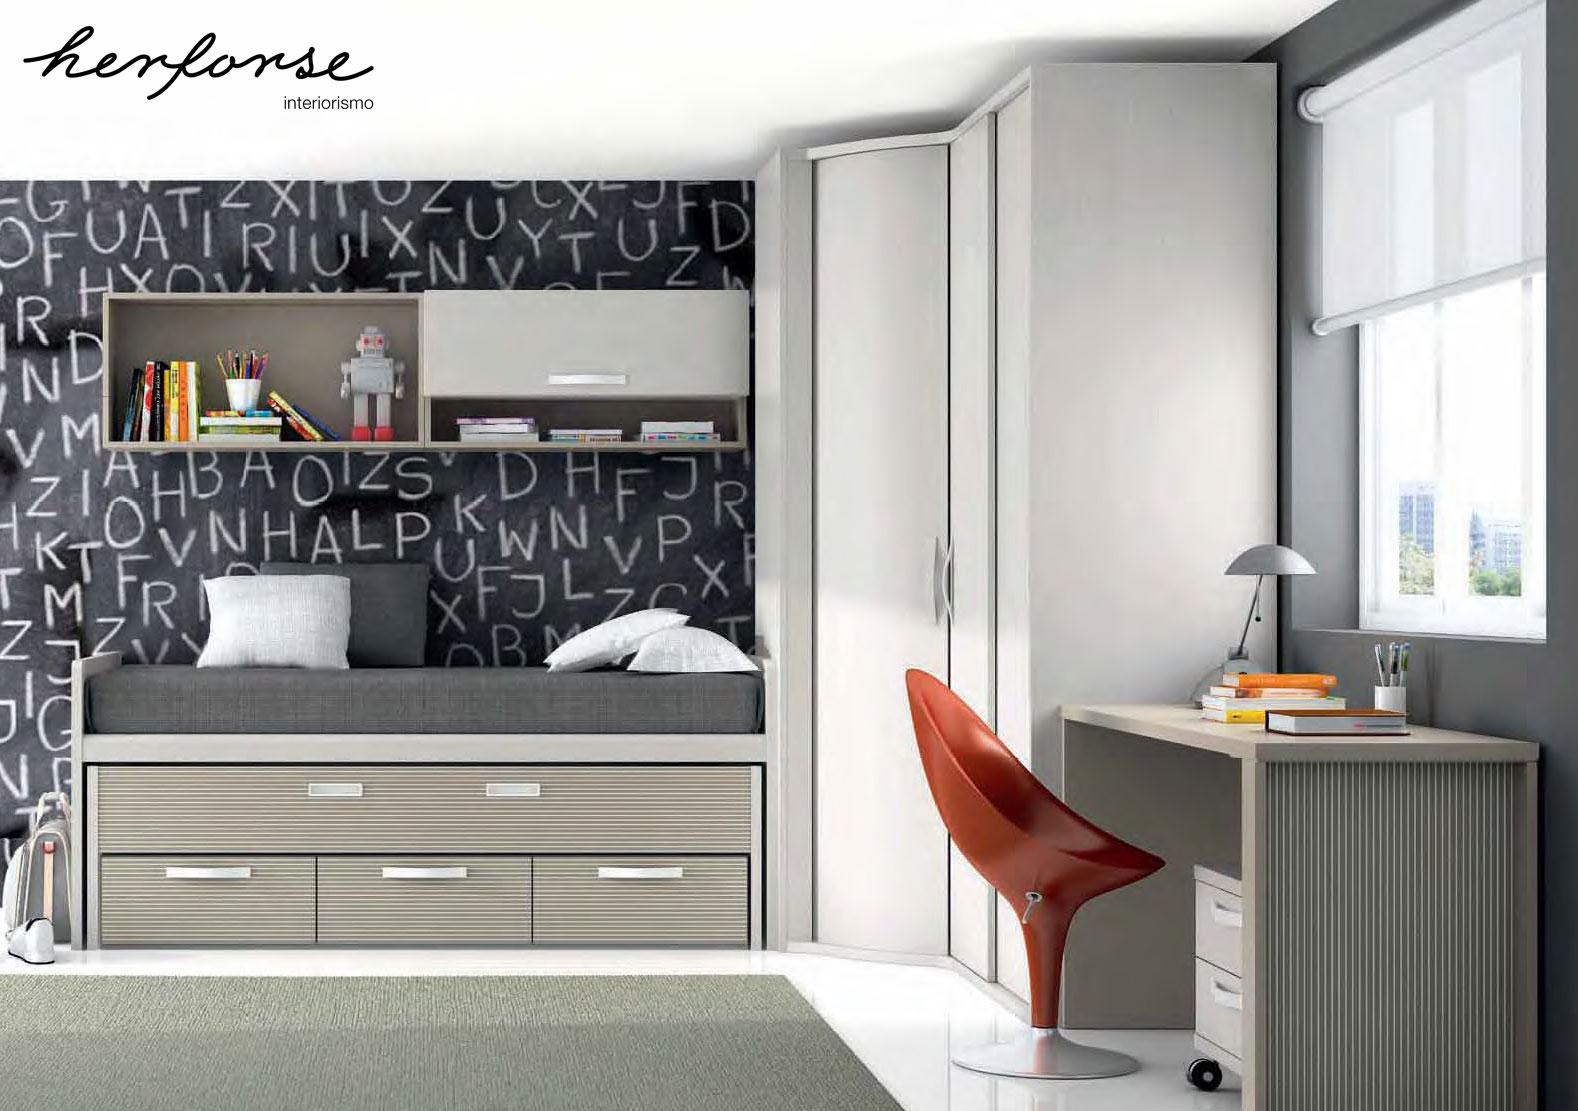 Compactos dobles camas juveniles herforseinteriorismo - Dormitorios dobles juveniles ...